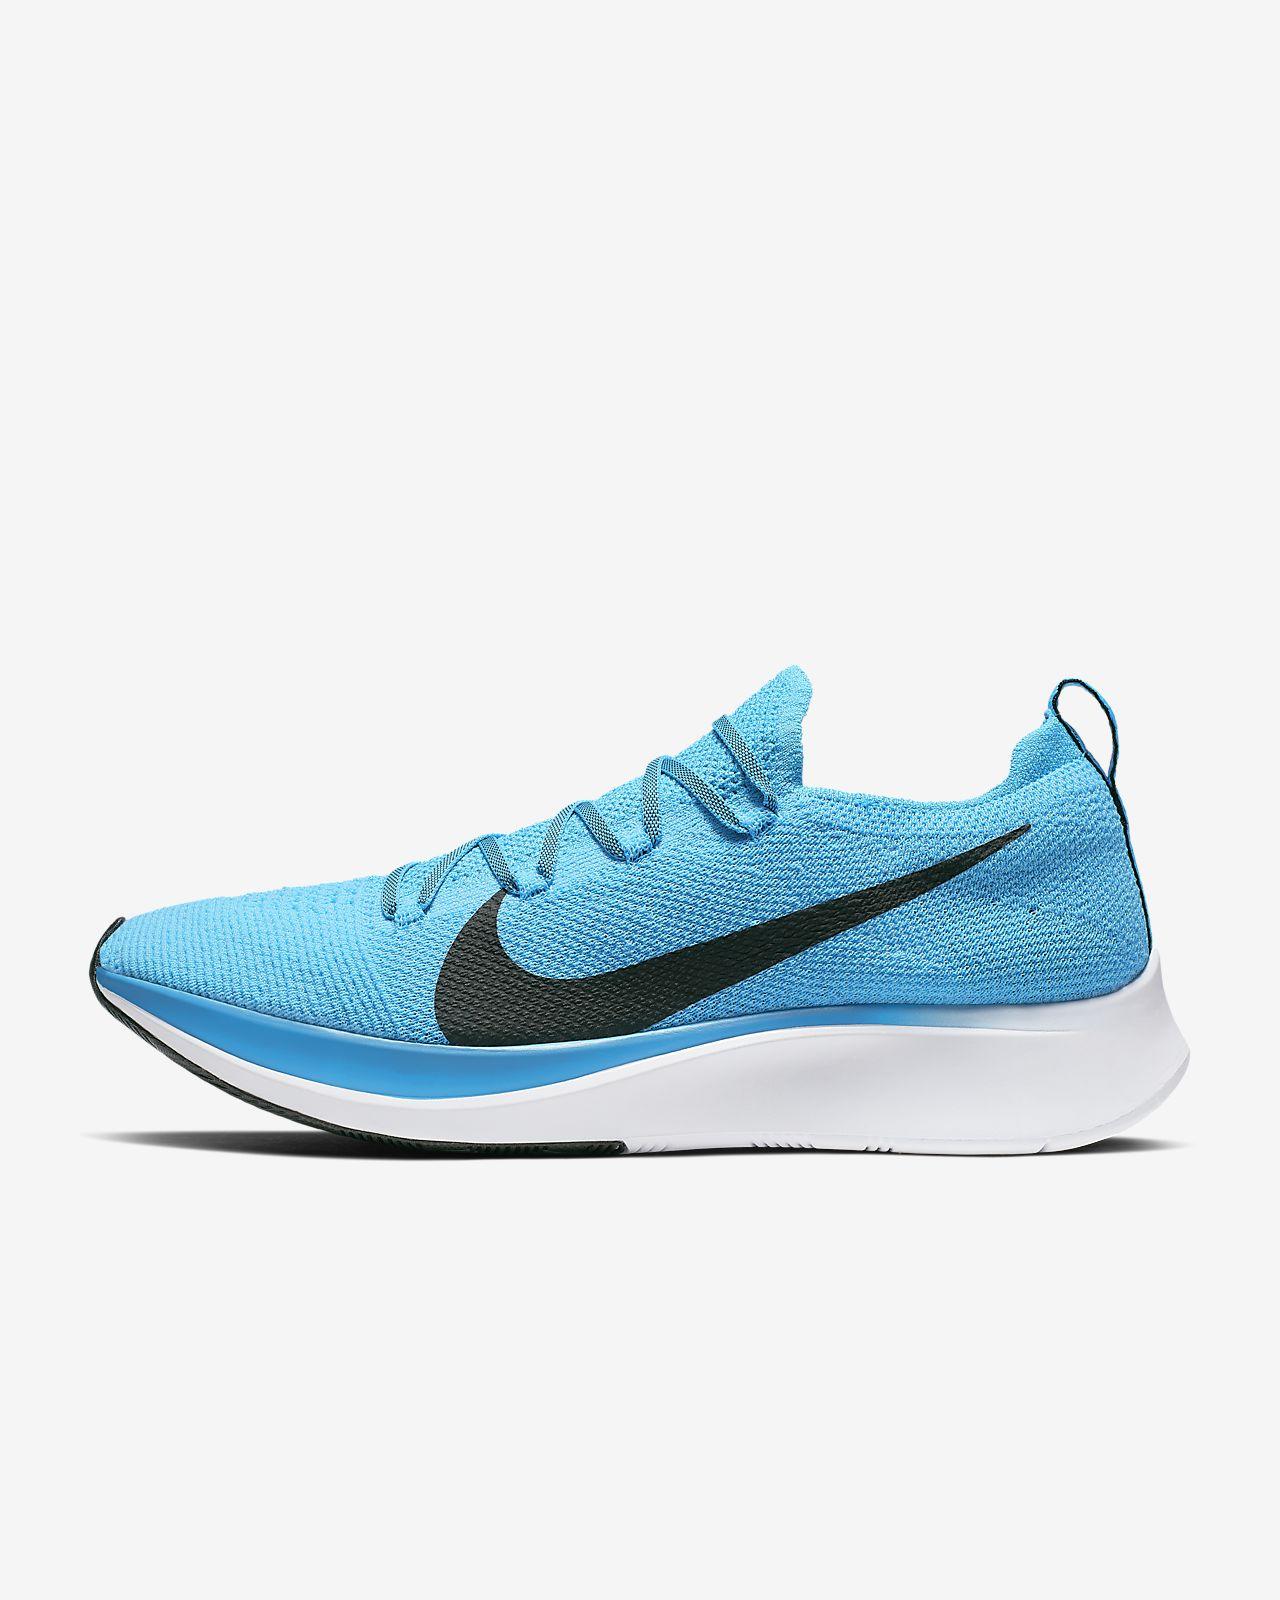 buy popular b5479 54b34 ... Löparsko Nike Zoom Fly för män